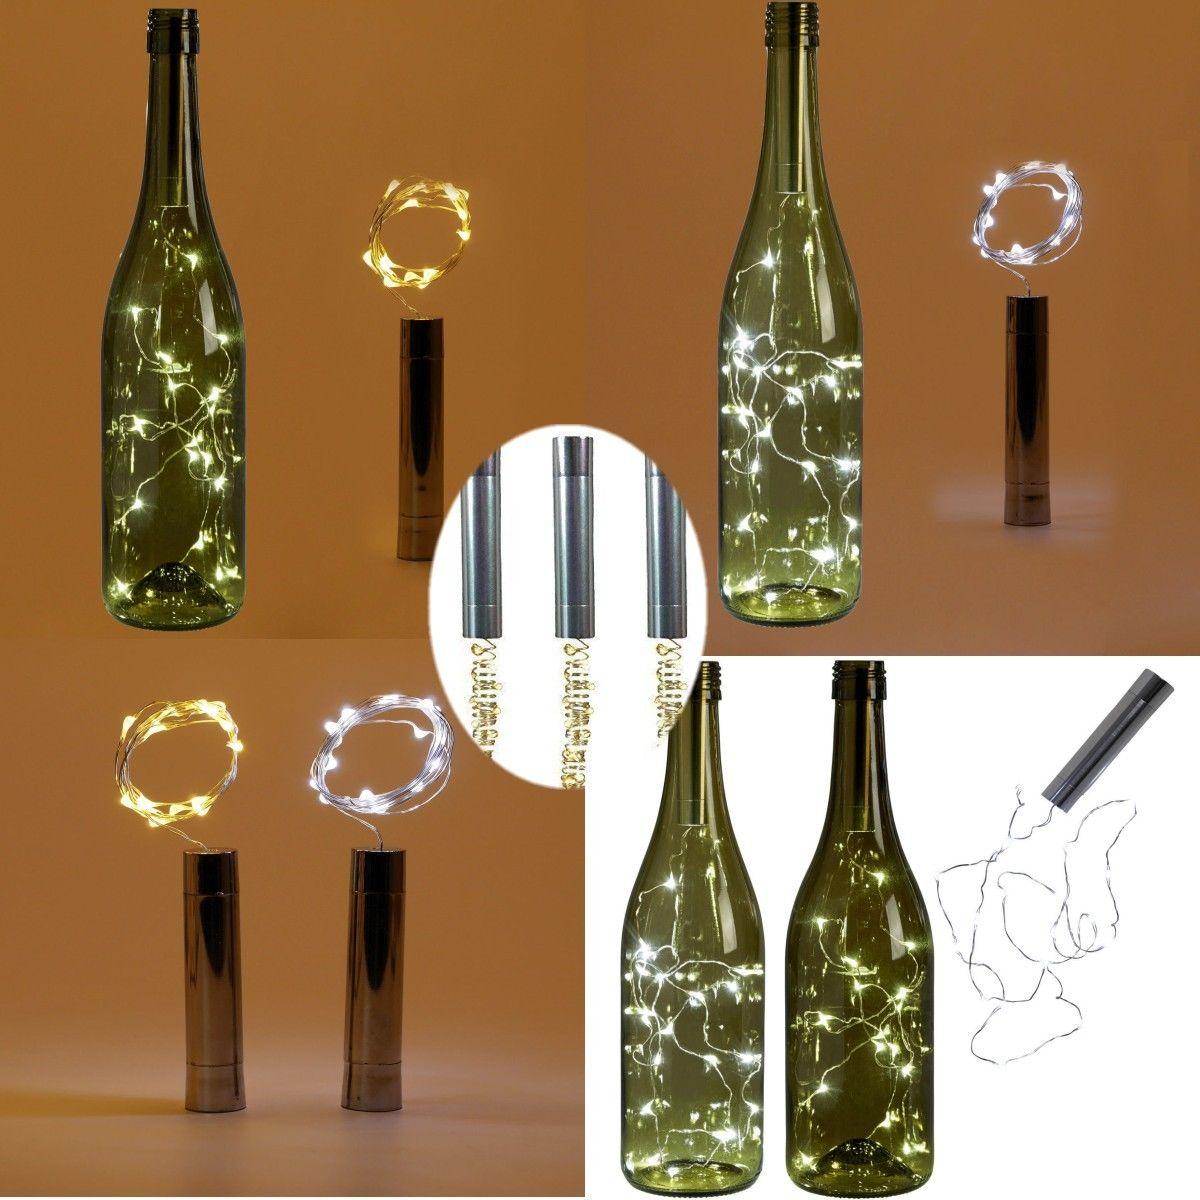 15 led battery powered plating wine bottle stopper copper for Wine bottle night light diy